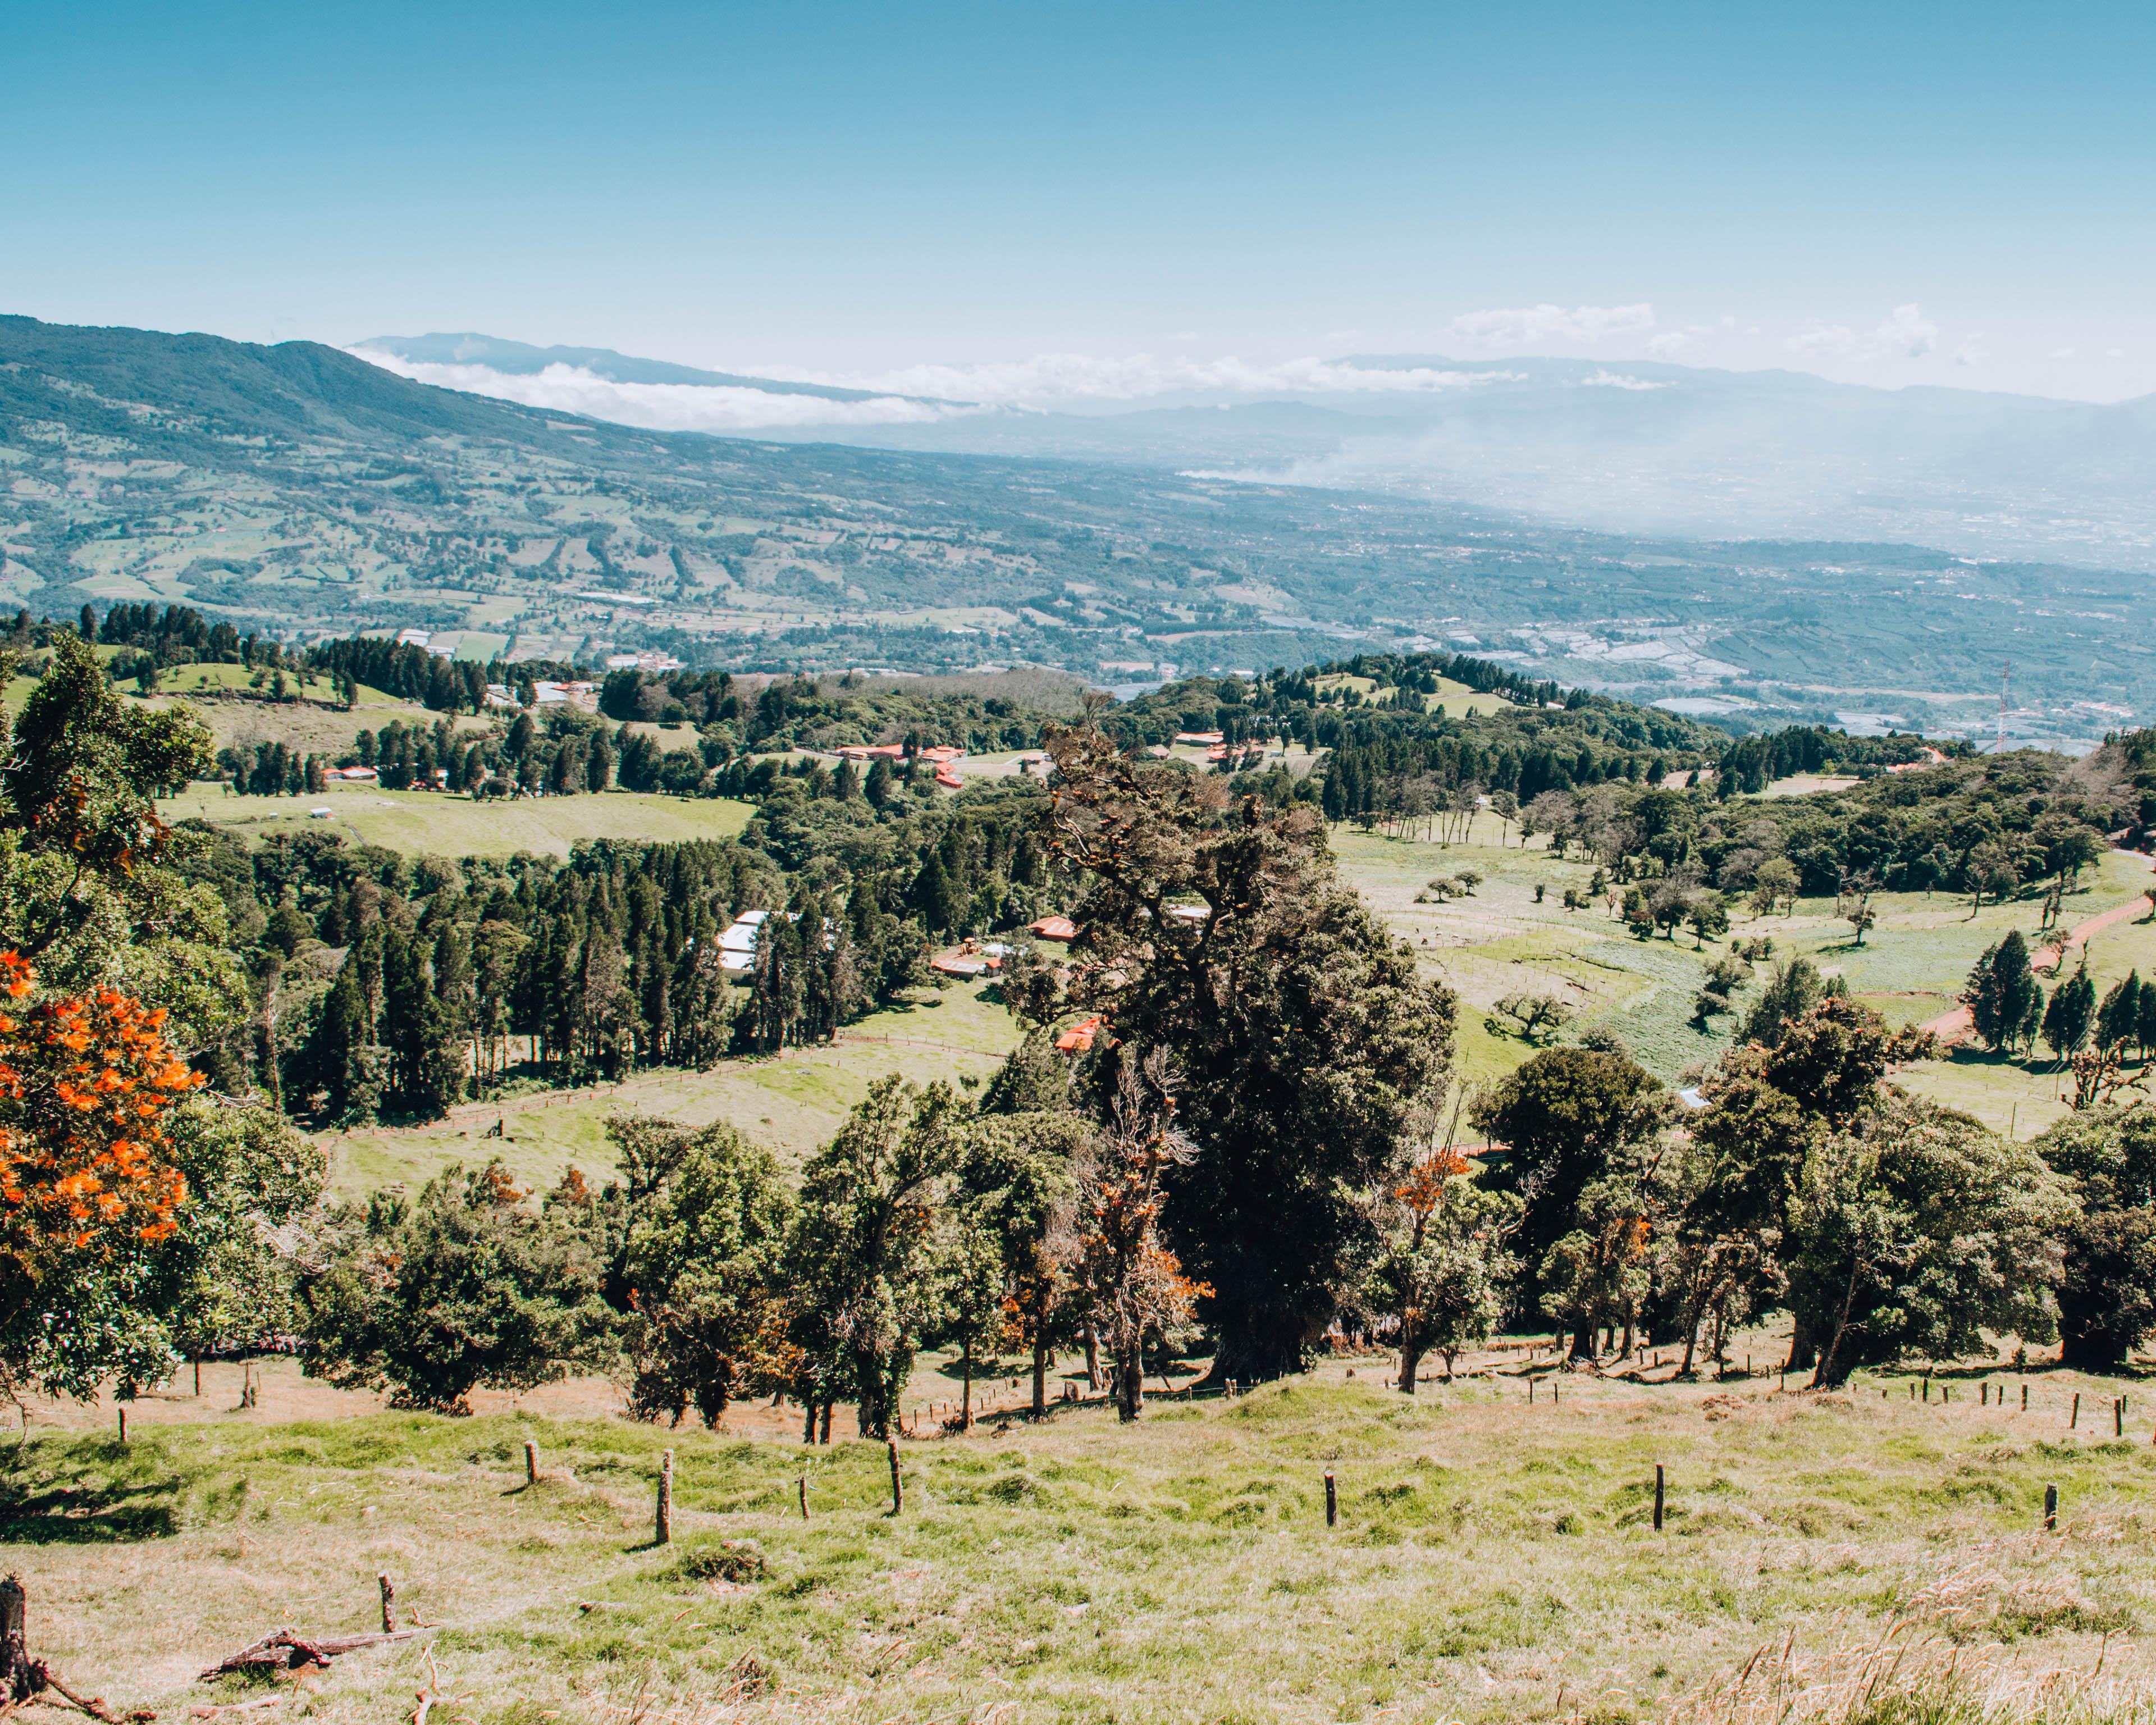 Parchi nazionali in Costa Rica: quali visitare, quando e perché